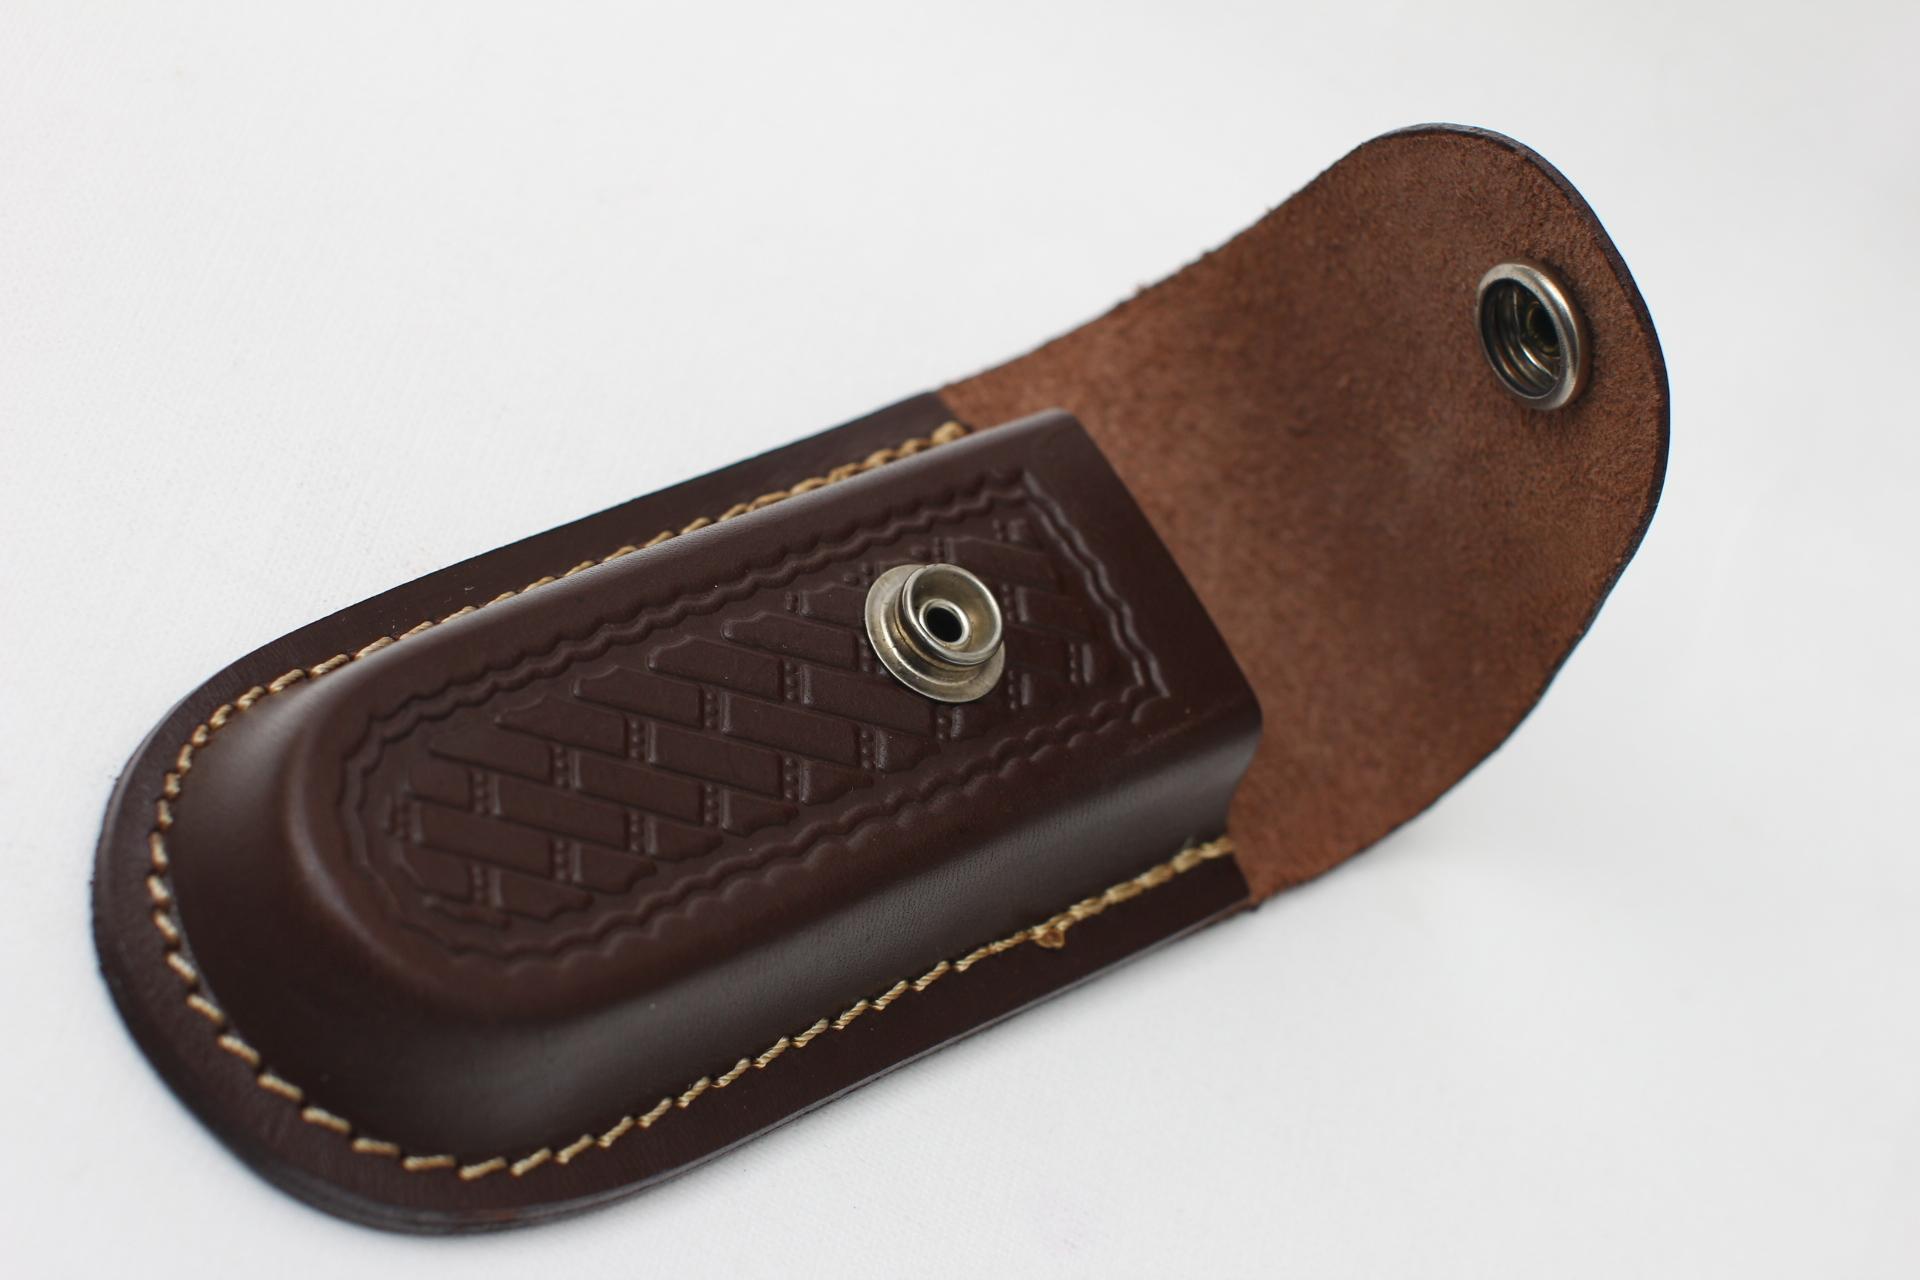 Чехол кожаный коричневый для ножа или мультитула - фотография